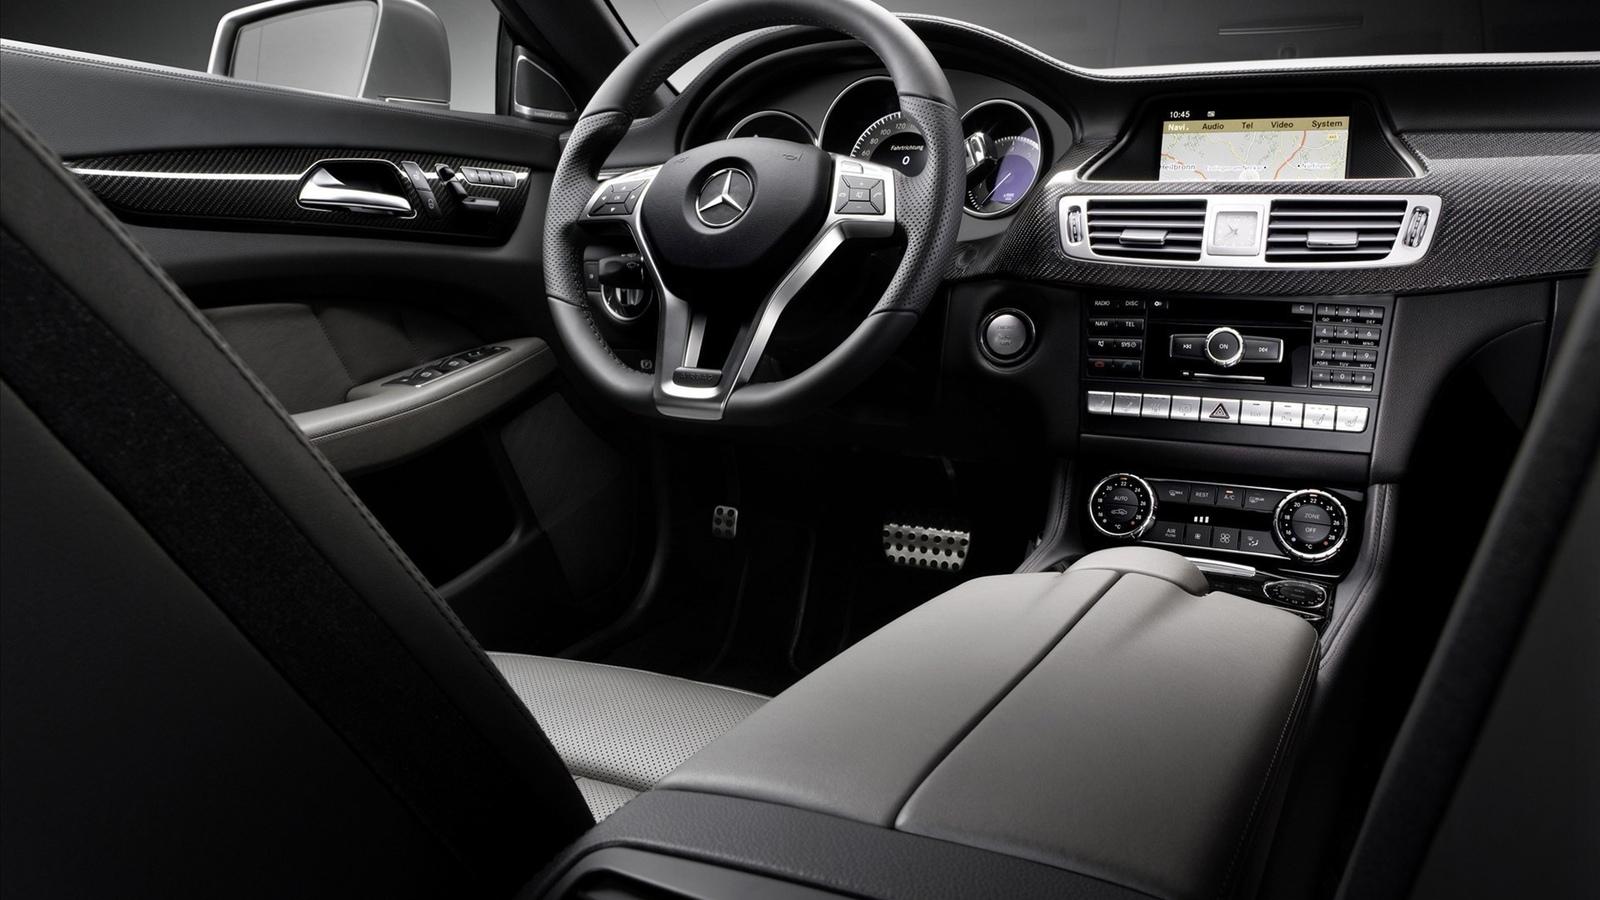 Avto — Airbag: Снятие и установка оборудования